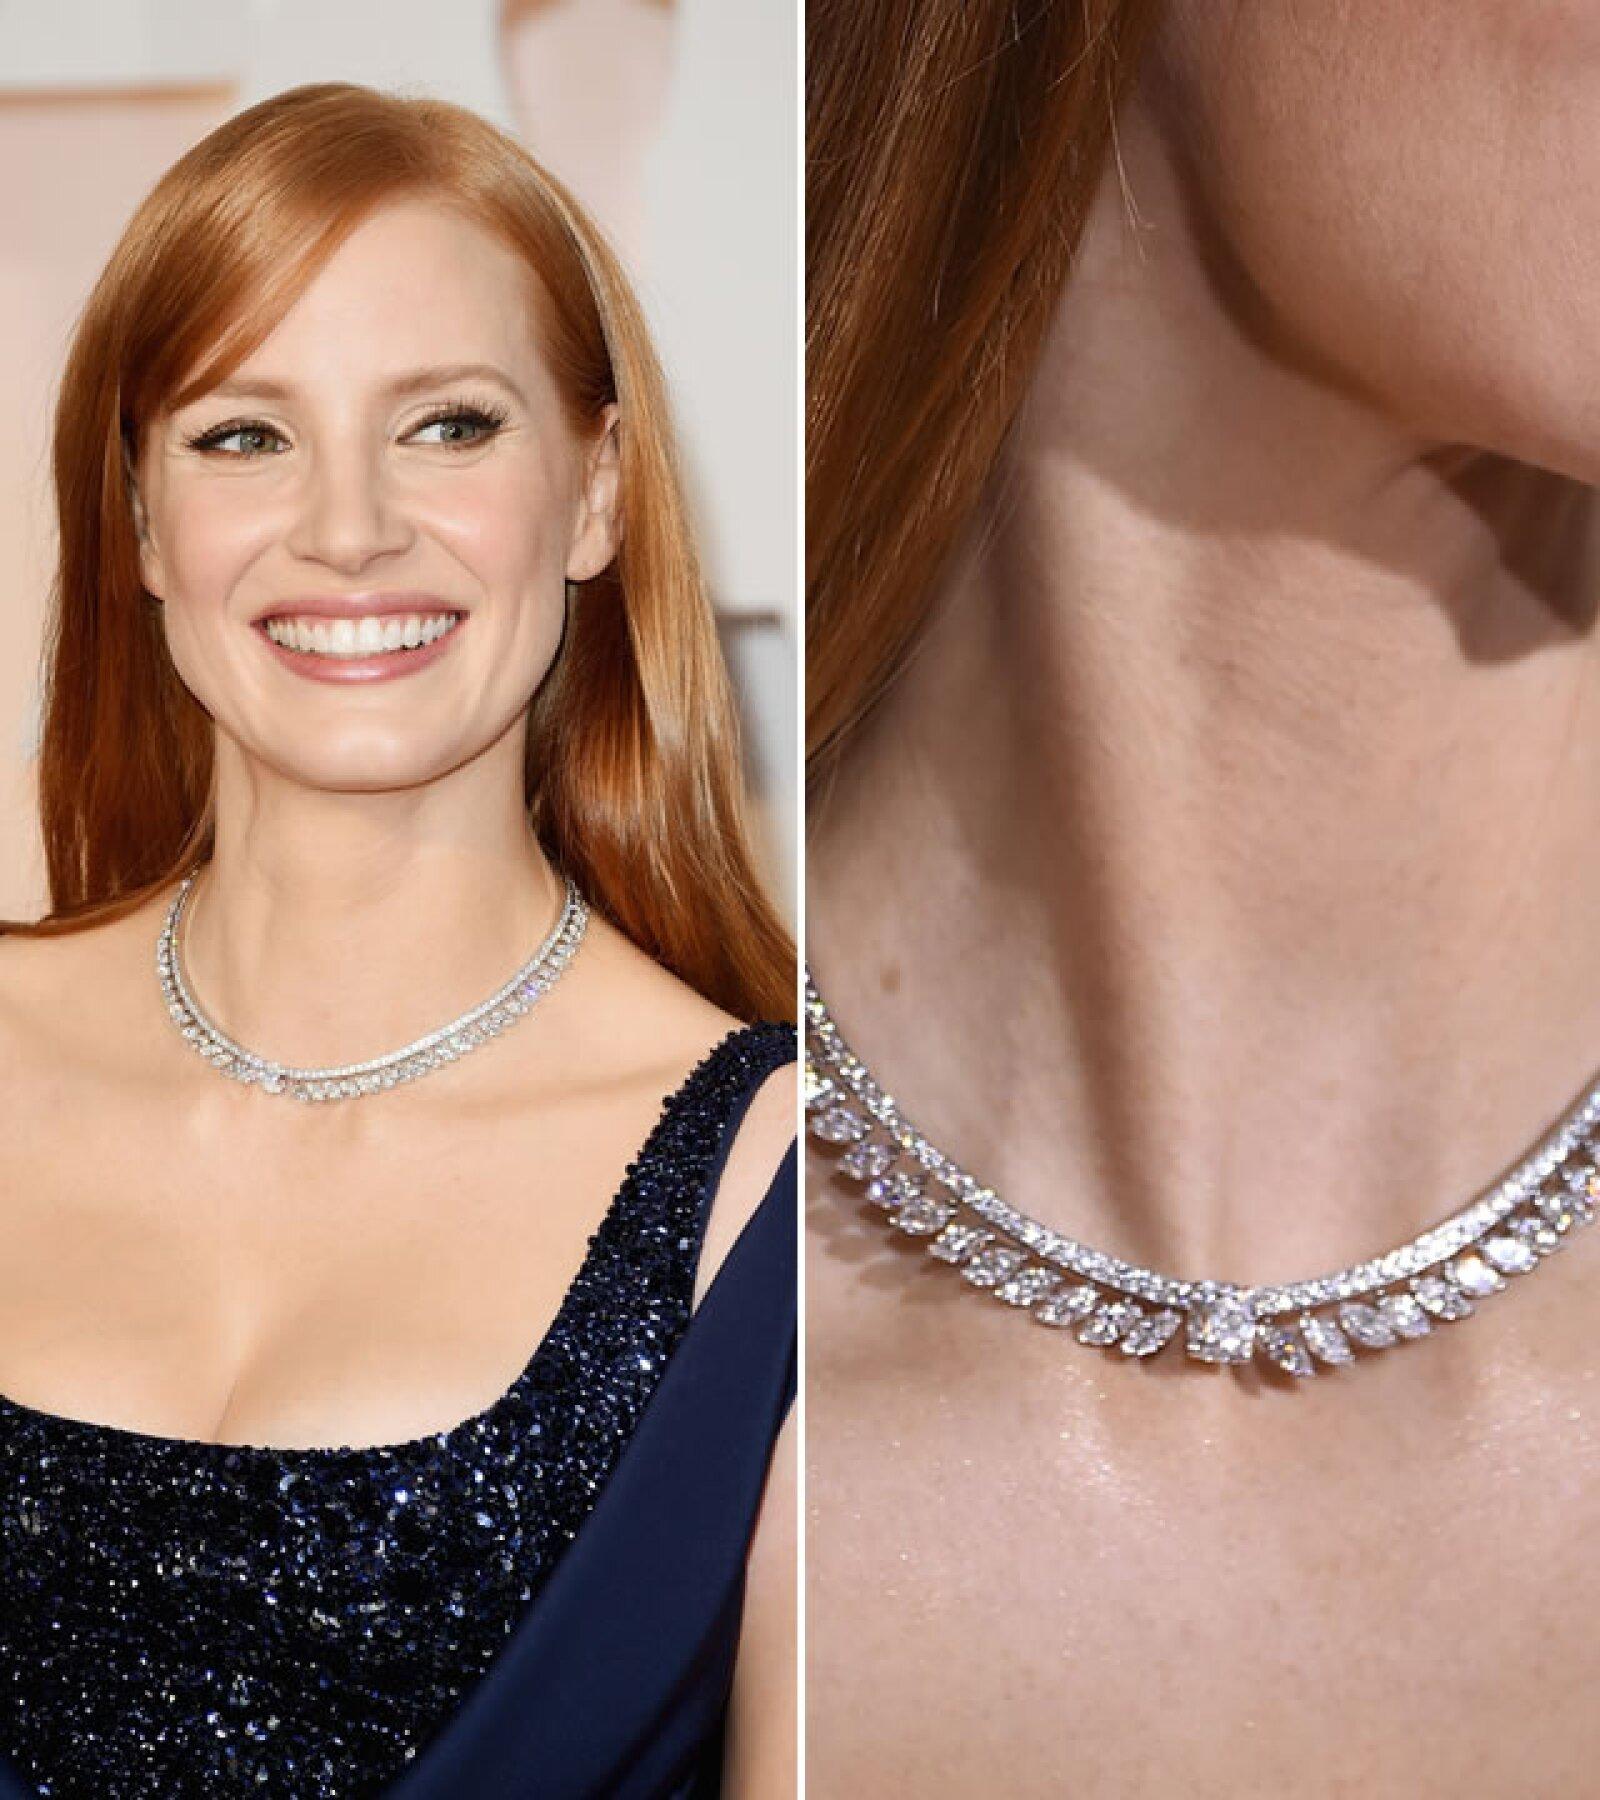 El collar de Jessica Chastain fue un delicado y hermoso diseño de Piaget. Recientemente la actriz se convirtió en la cara de la firma.